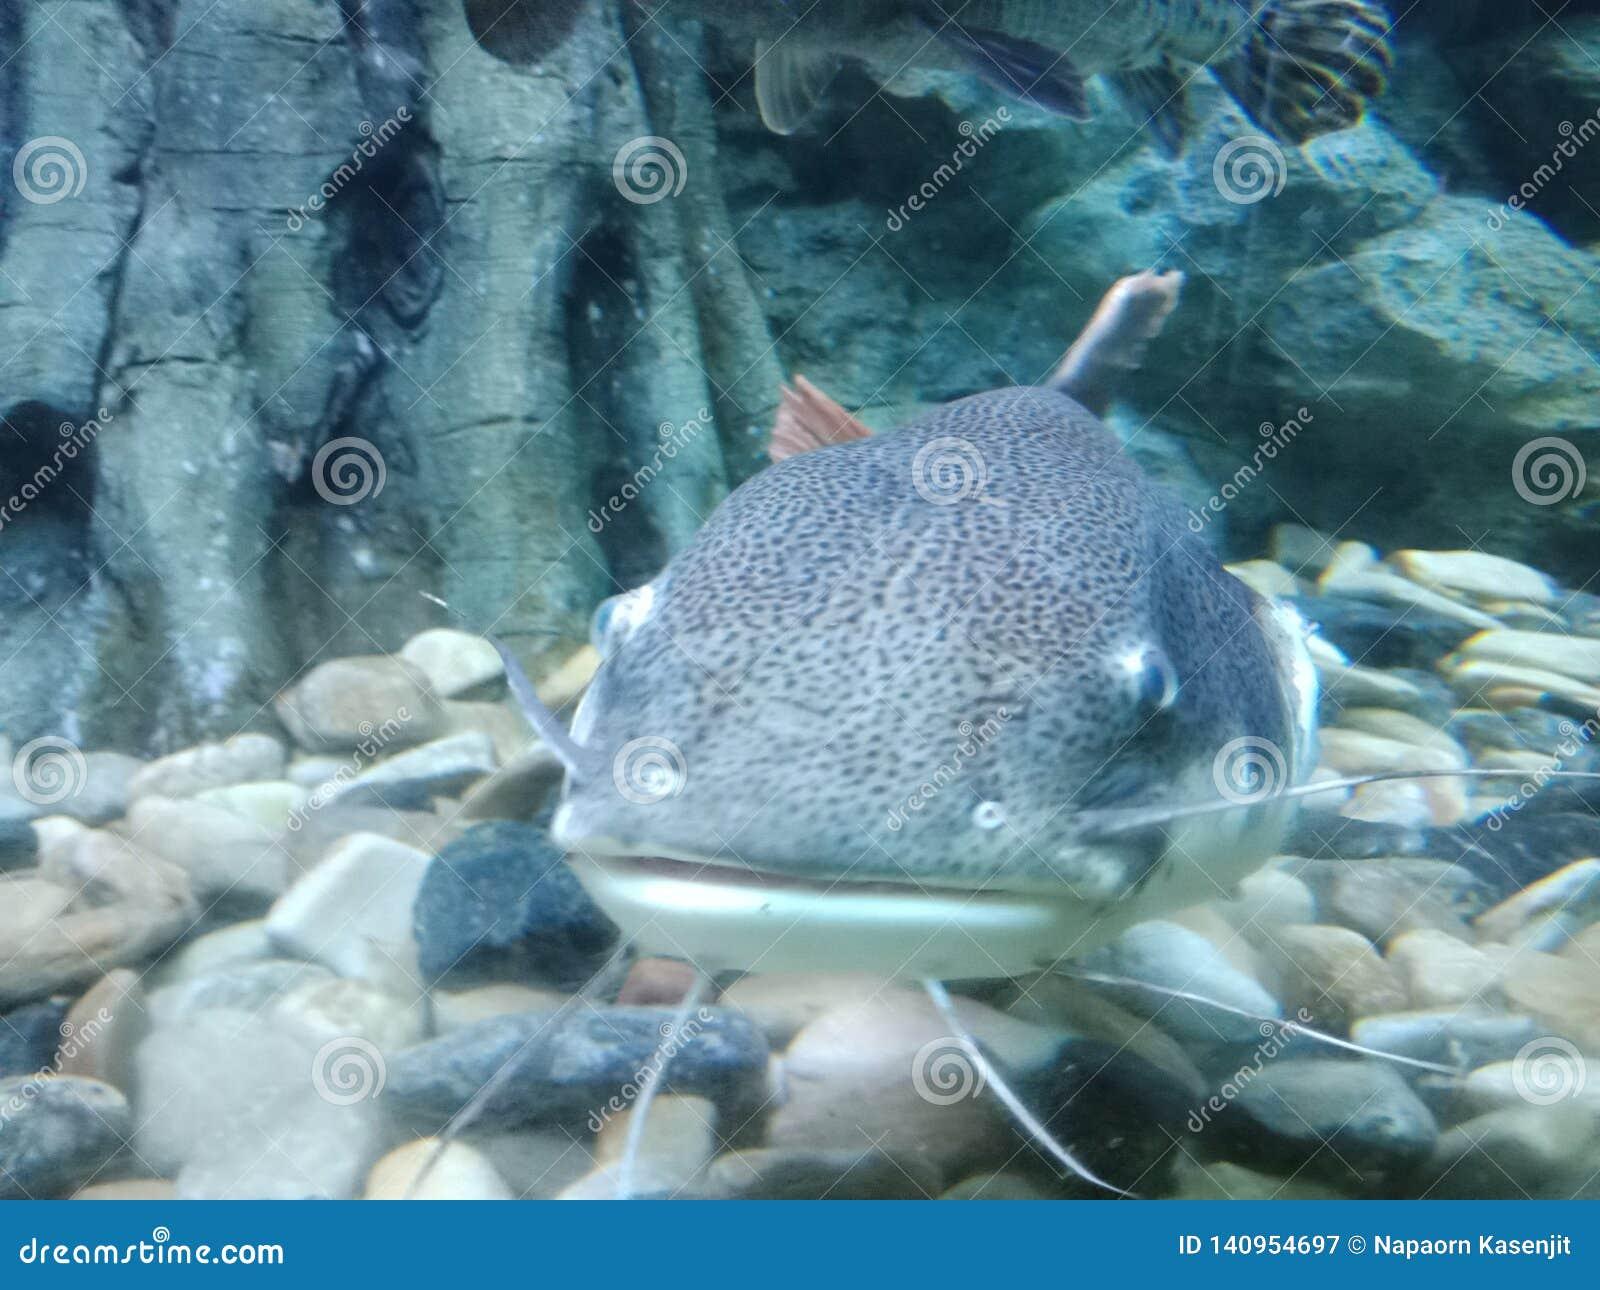 El pescado es hueso presionado los pescados encontró en características del agua dulce y del mar